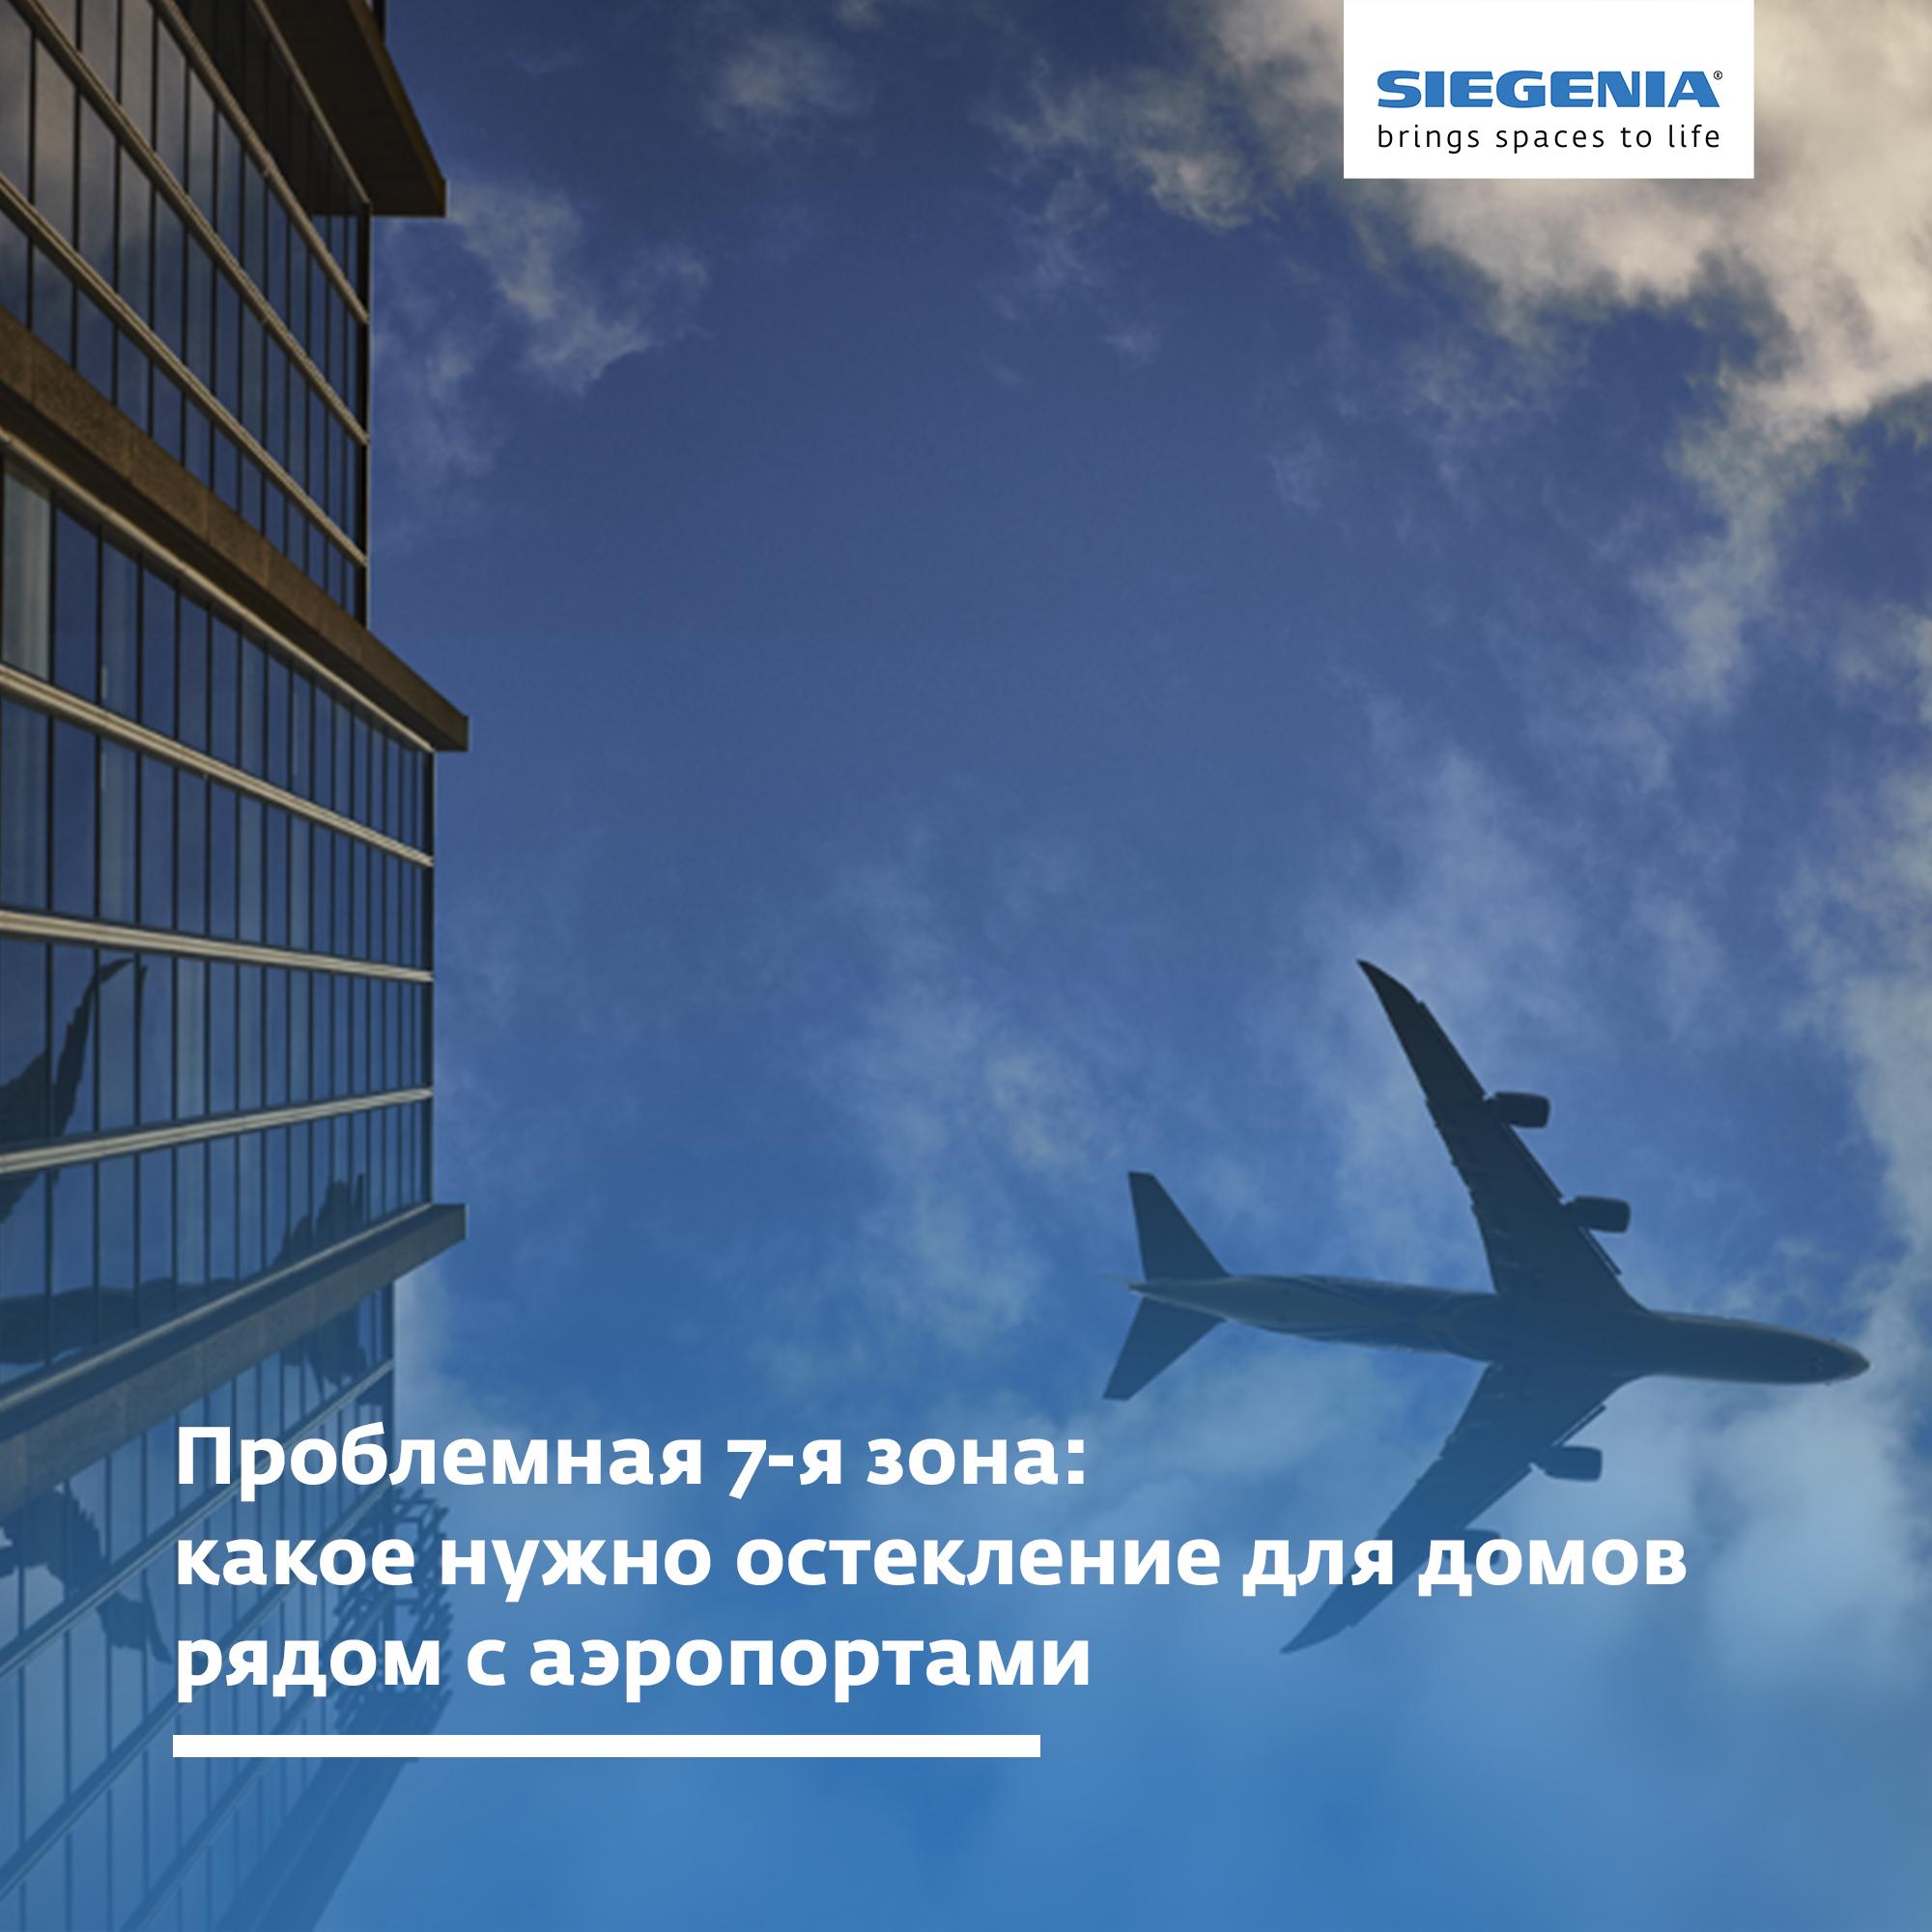 problemnaya-7-ya-zona-kakoe-nuzhno-osteklenie-dlya-domov-ryadom-s-aehroportami